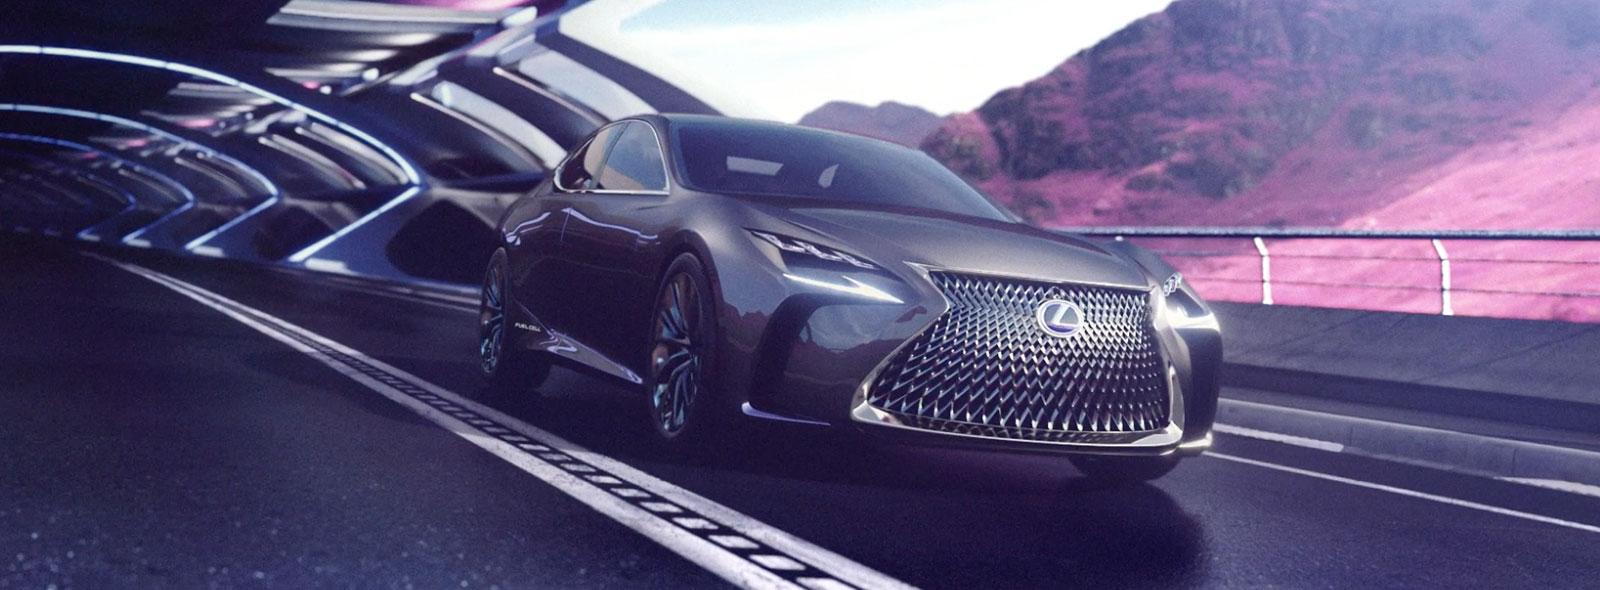 Vista anteriore della concept car LF CC mentre percorre una galleria futuristica